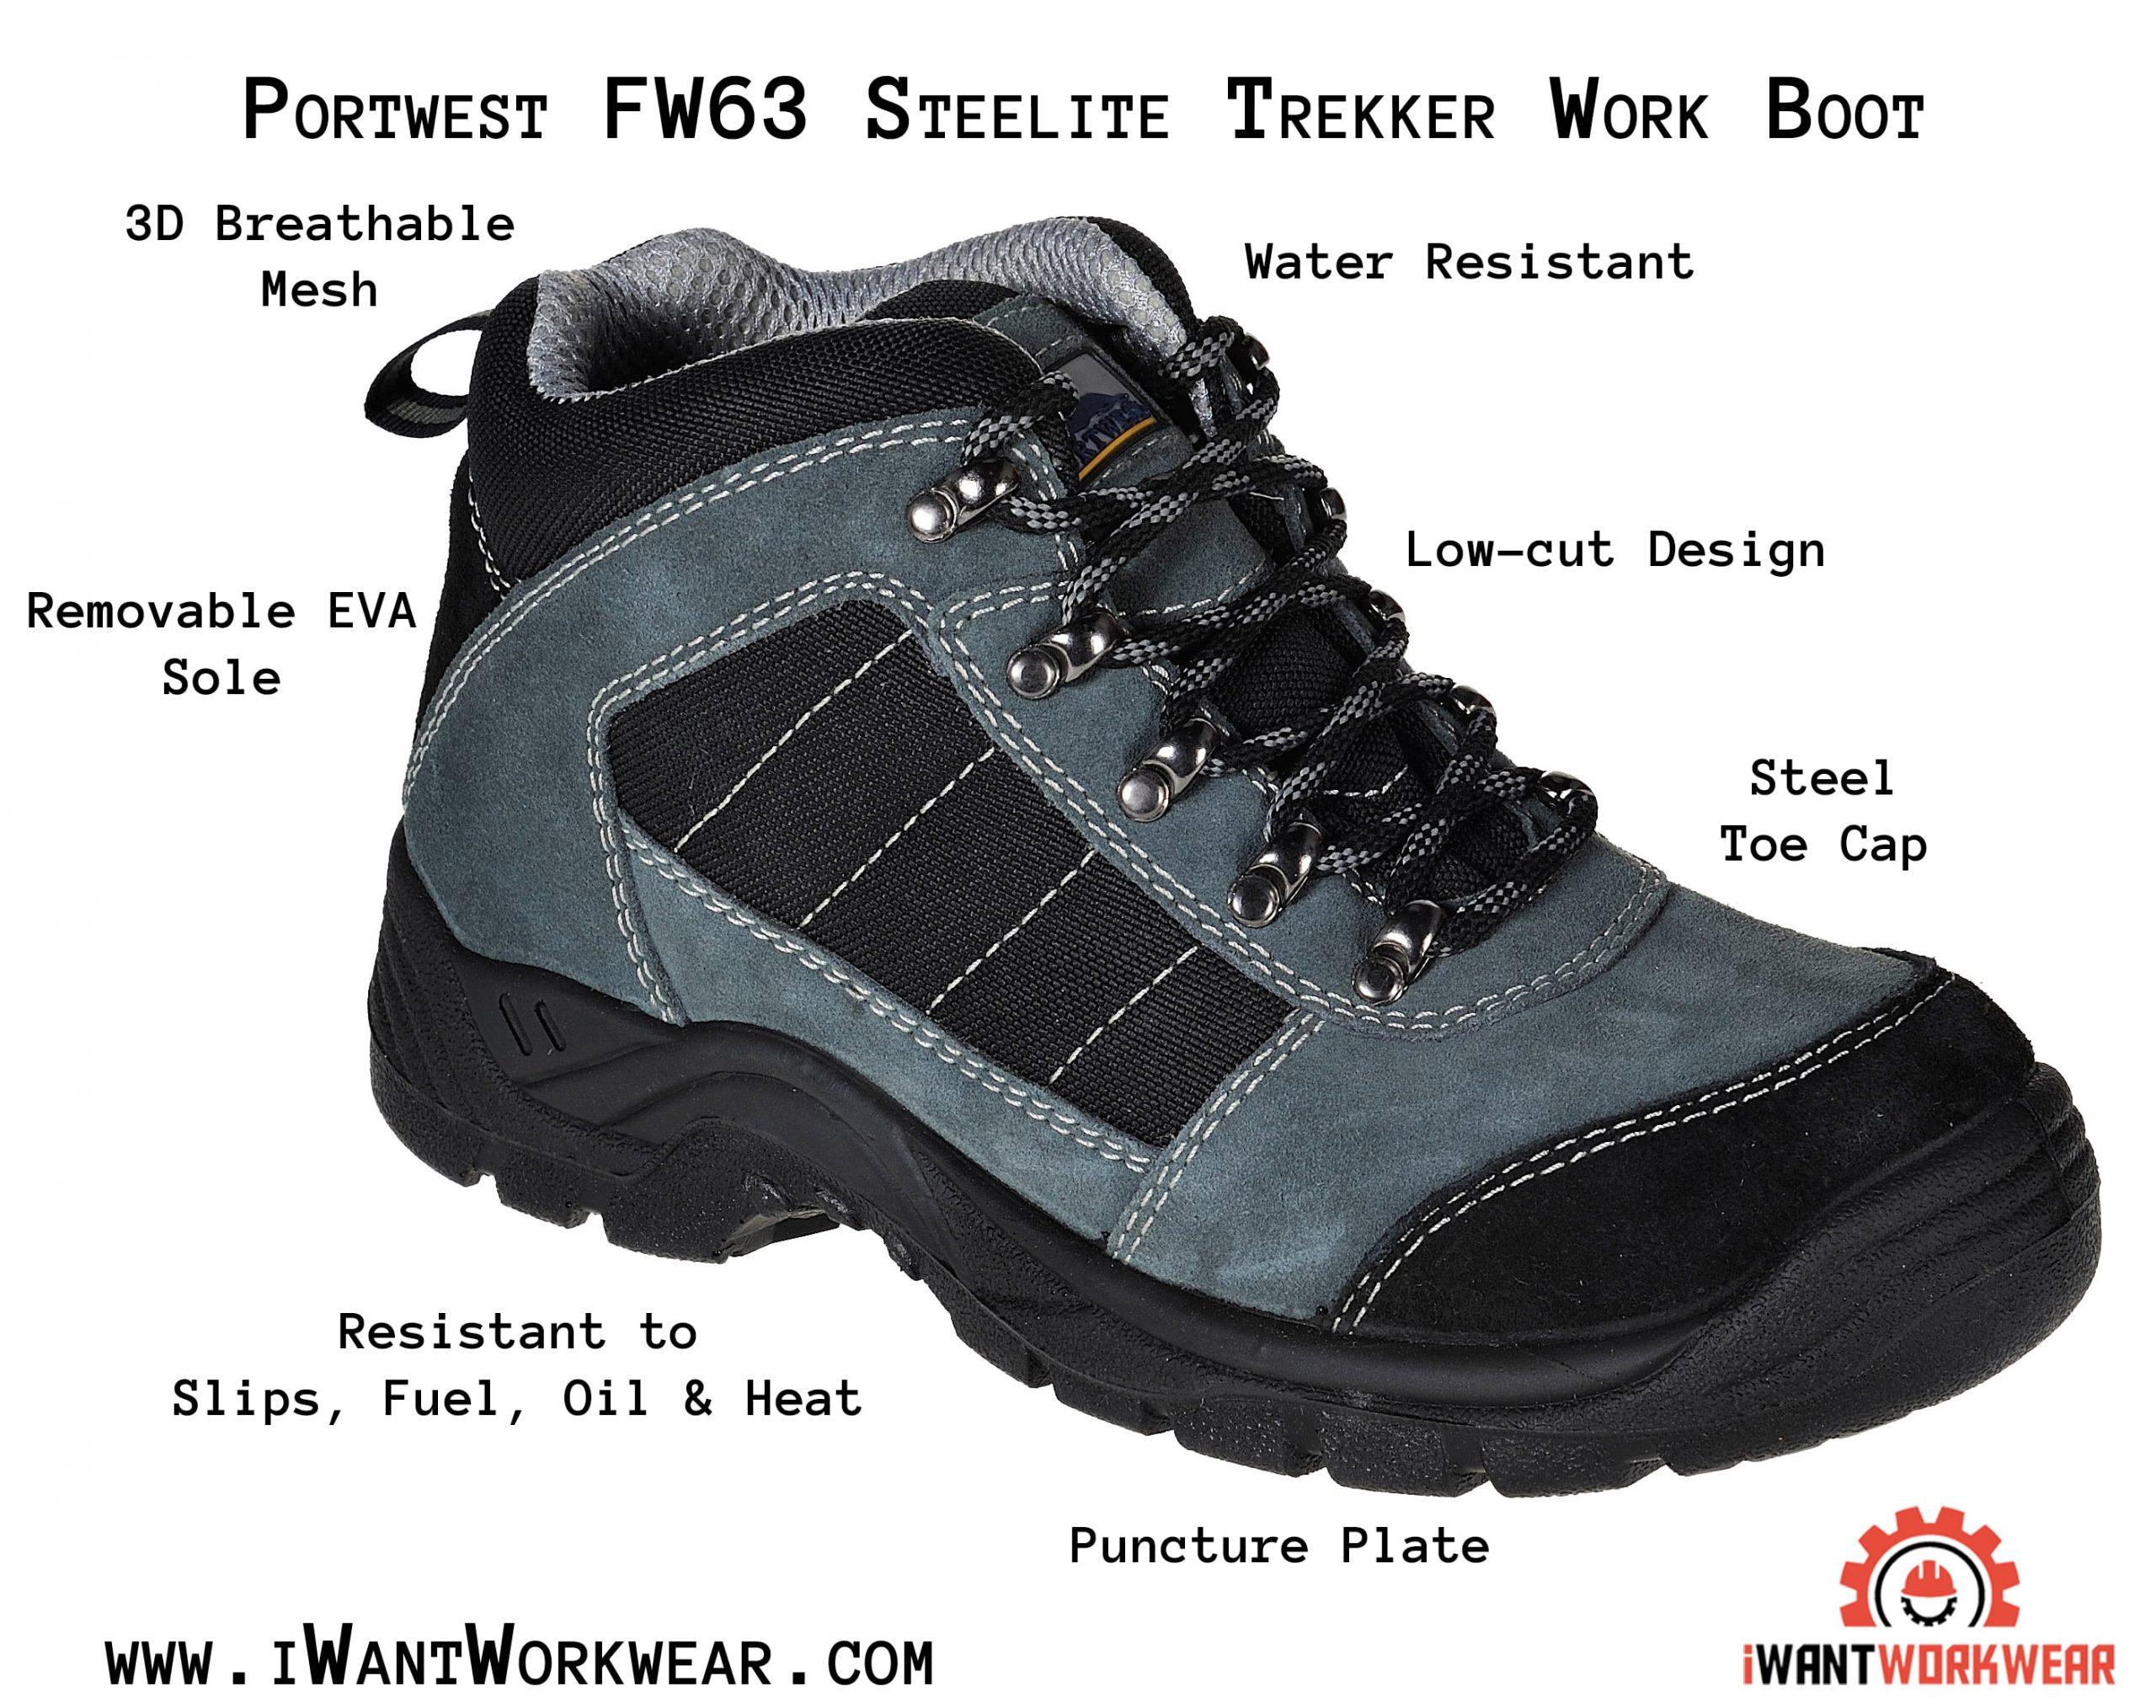 Portwest FW63 Steelite Trekker Steel